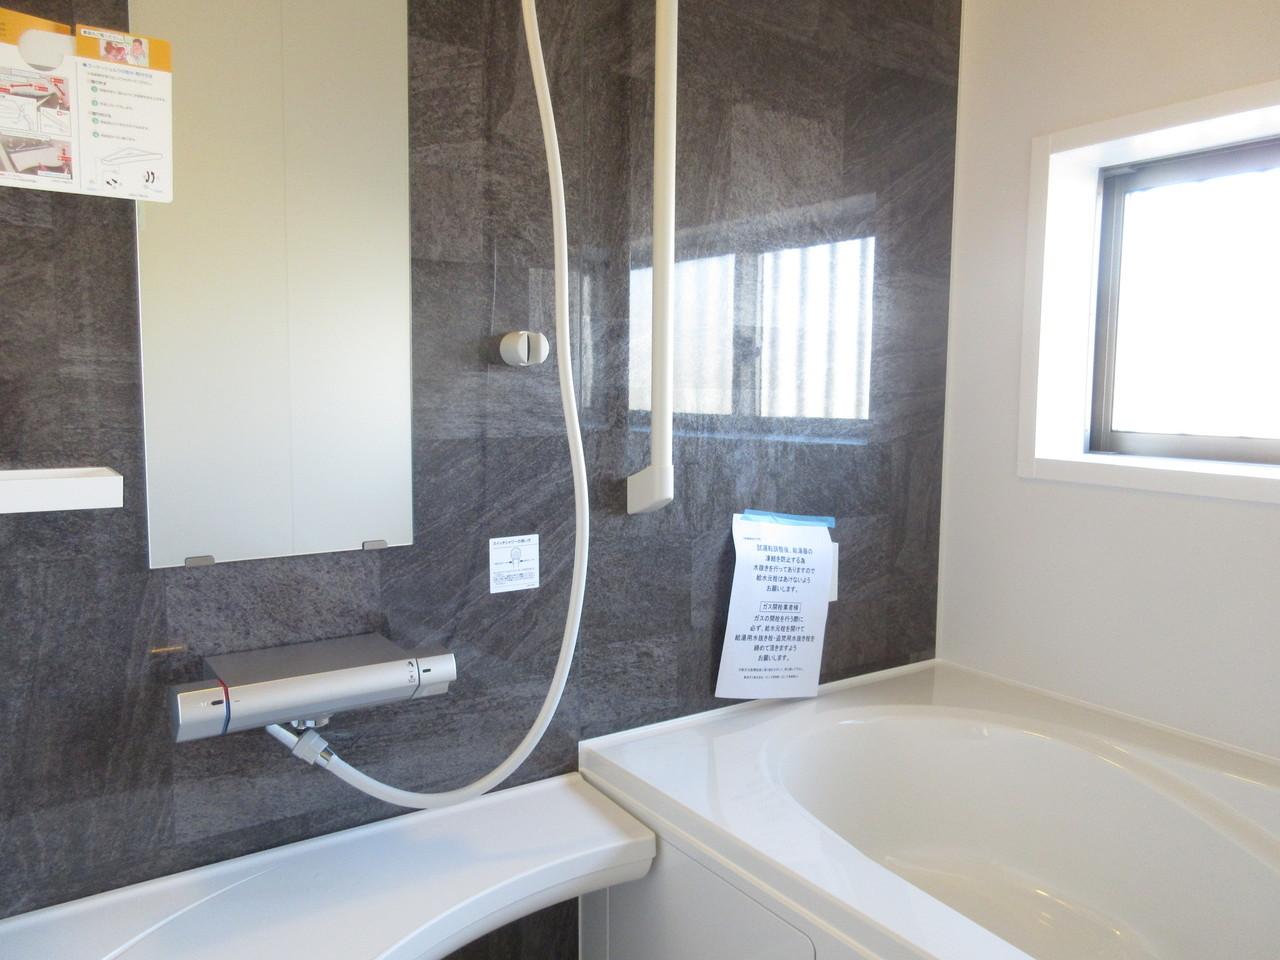 大人な落ち着いた雰囲気の浴室。ゆったりとバスタイムを楽しめます♪